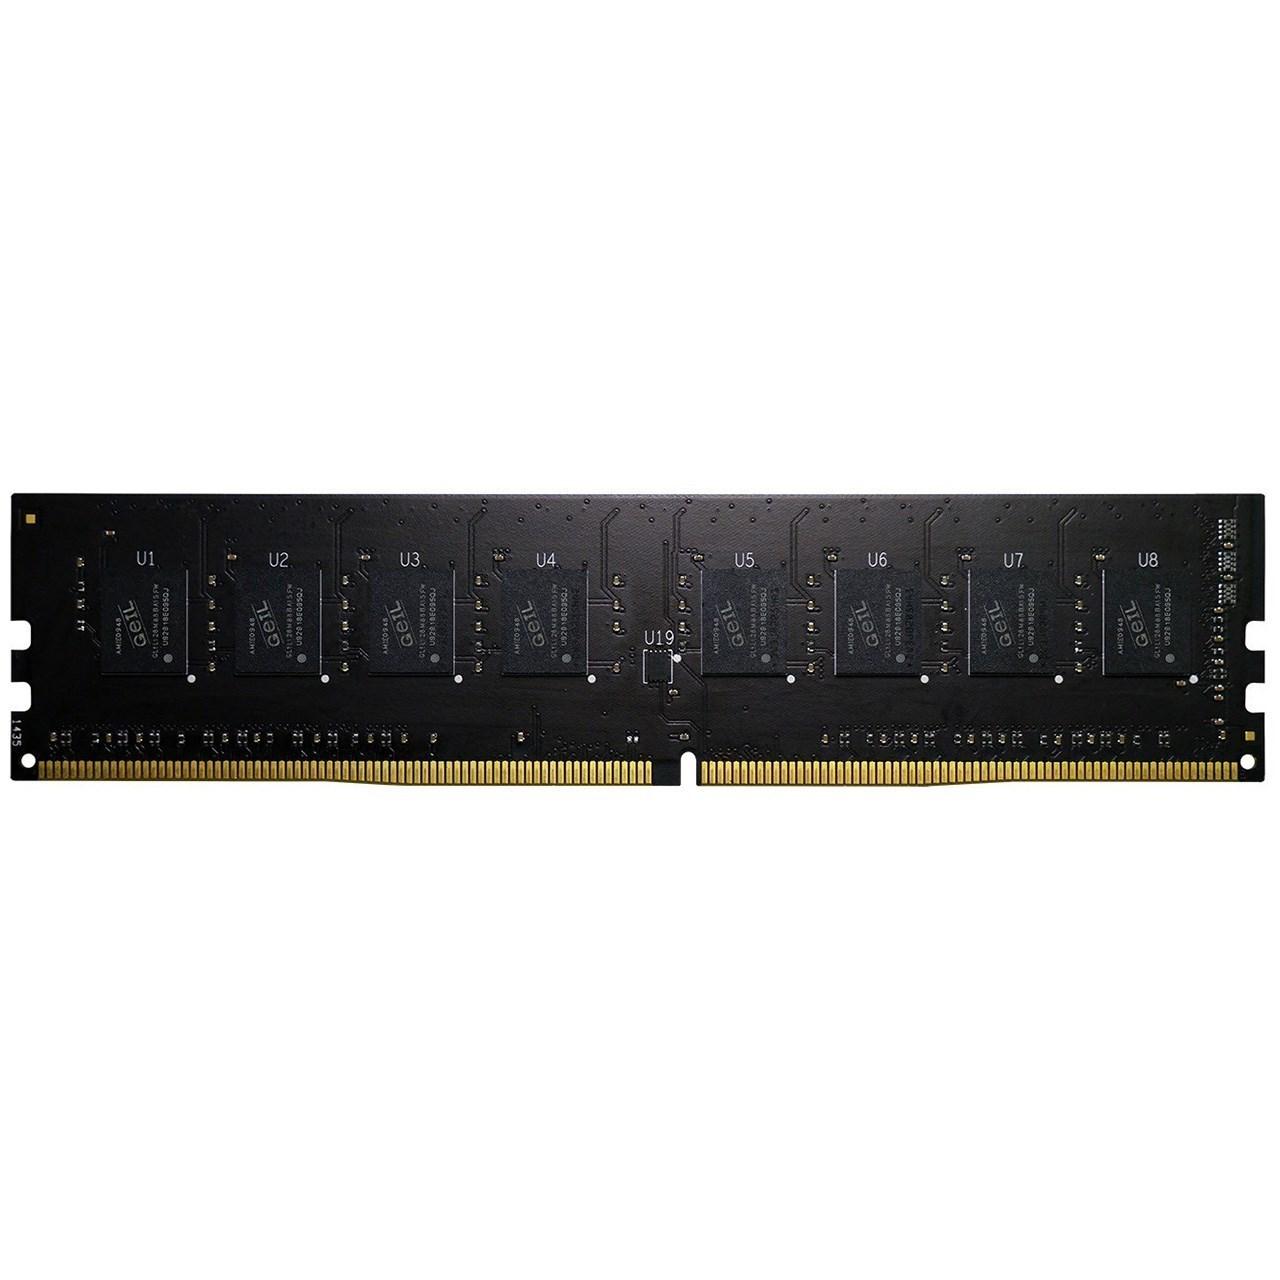 رم دسکتاپ DDR4 تک کاناله 2400 مگاهرتز CL17 گیل مدل Pristine ظرفیت 16 گیگابایت